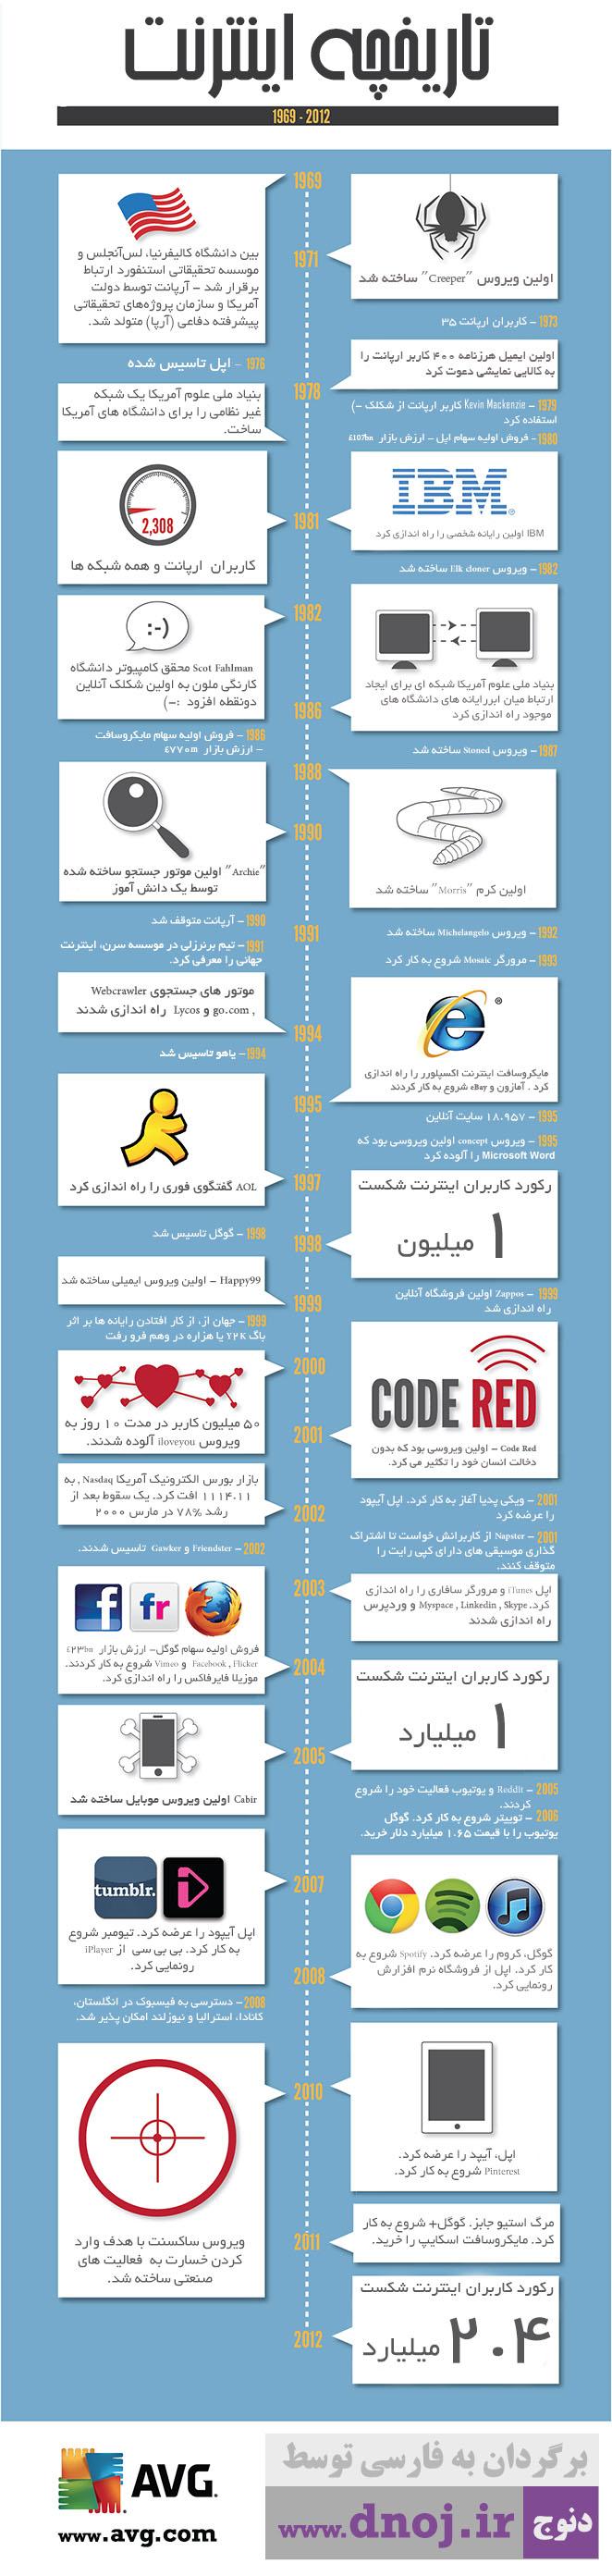 اینفوگرافیک تاریخچه اینترنت